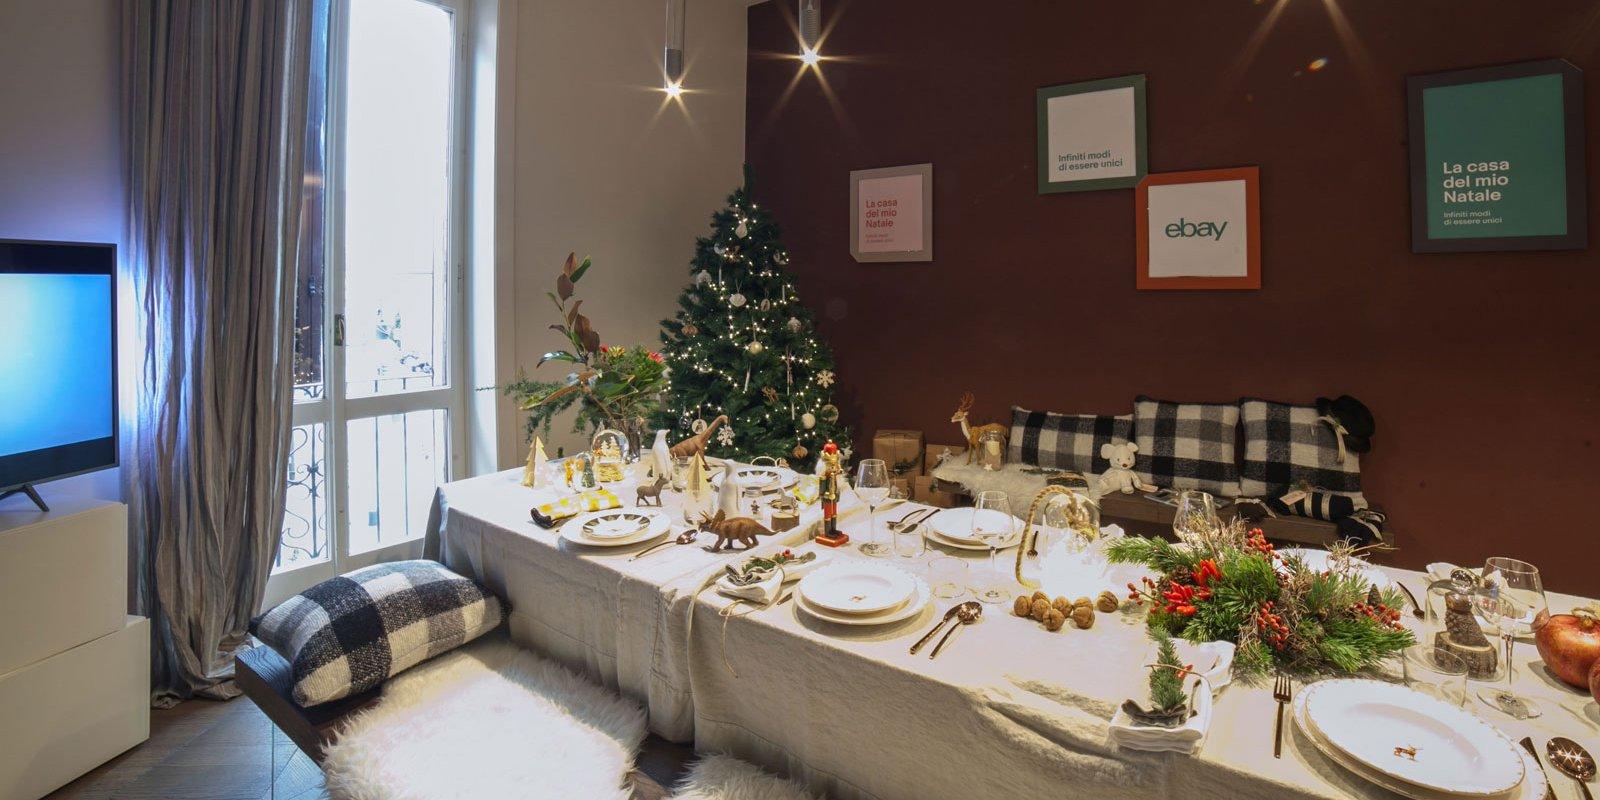 Regali Più Desiderati Per Natale Cose Di Casa #2975A2 1600 800 Sala Da Pranzo Bicolore